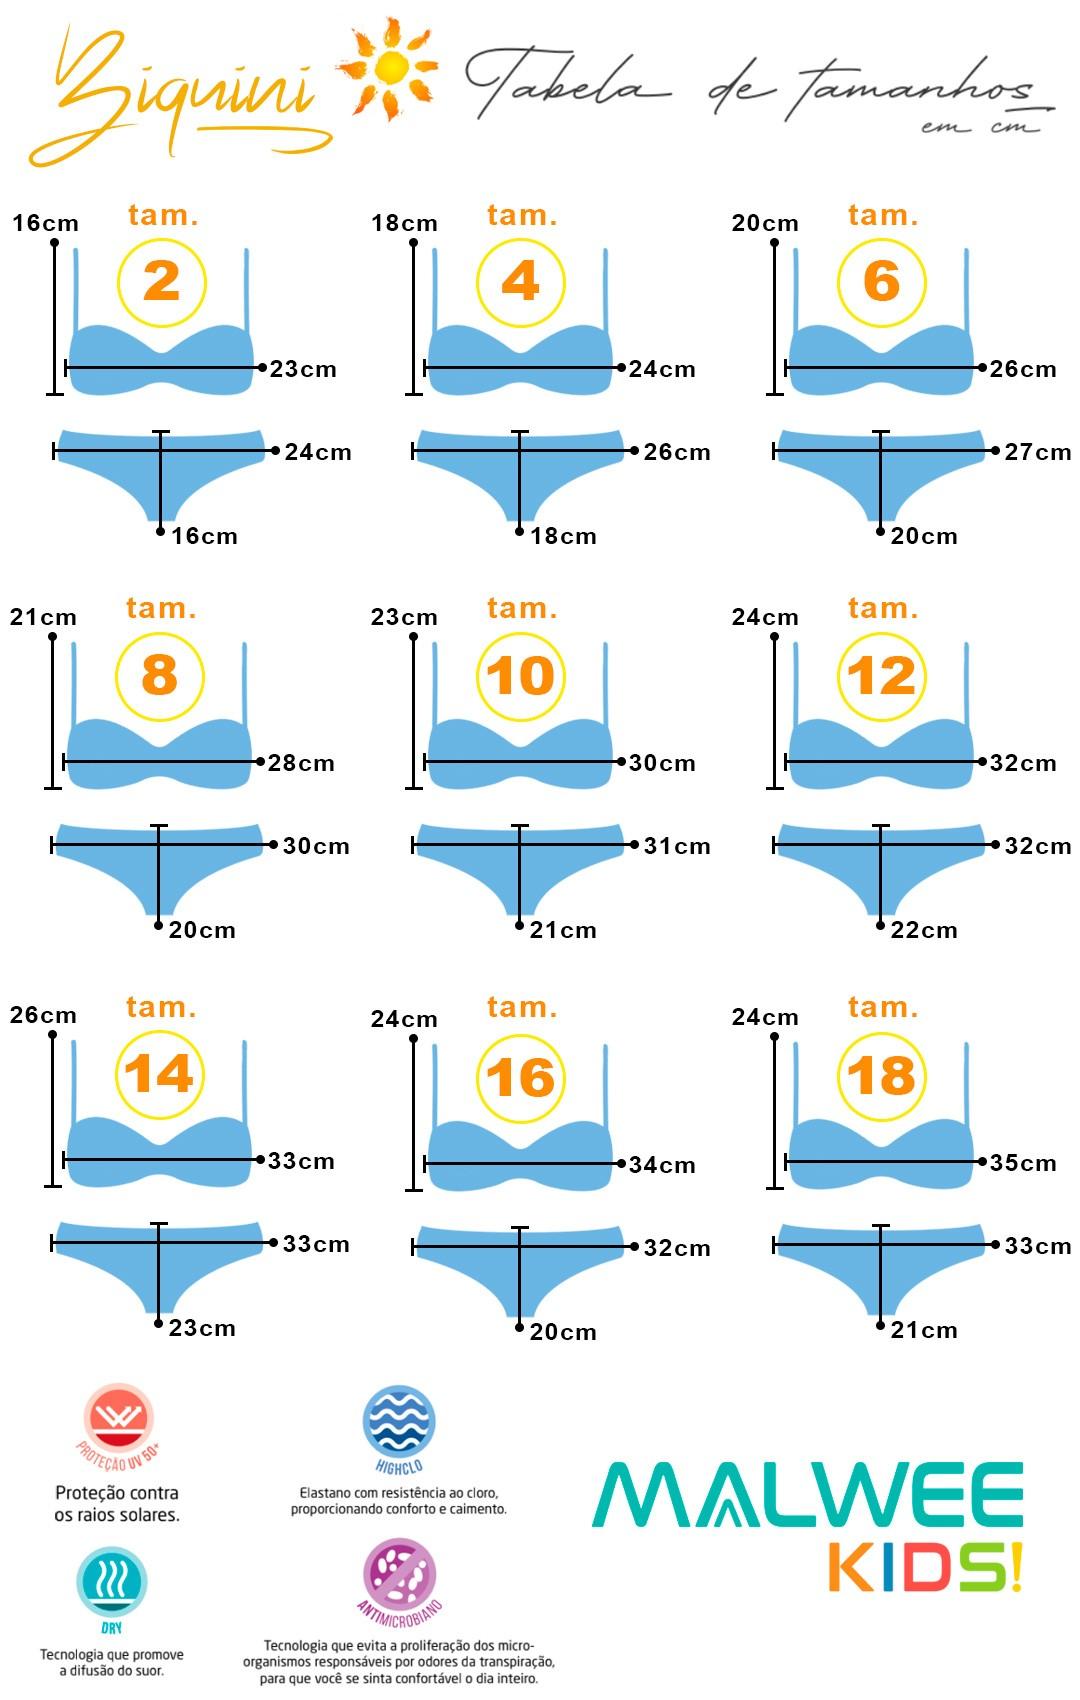 Biquini Infantil Verão Azul Heart Malwee: Tabela de medidas